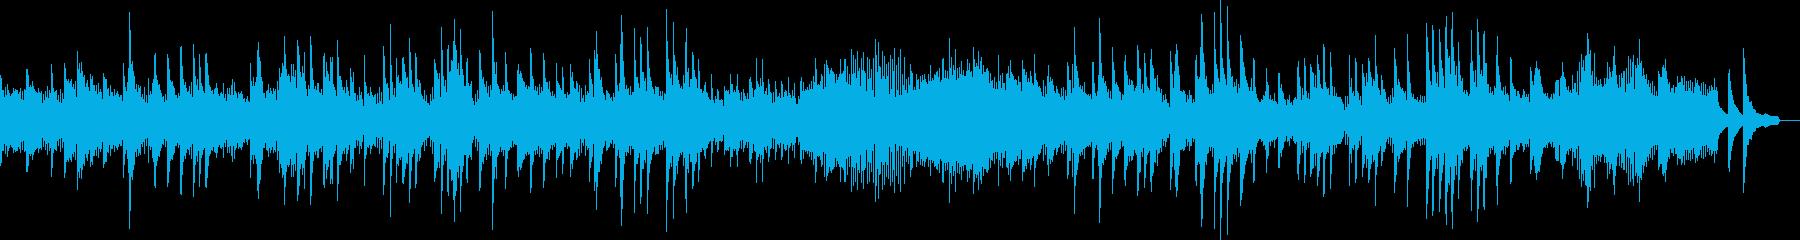 ピアノ・ソナタ第14番 嬰ハ短調《月光の再生済みの波形